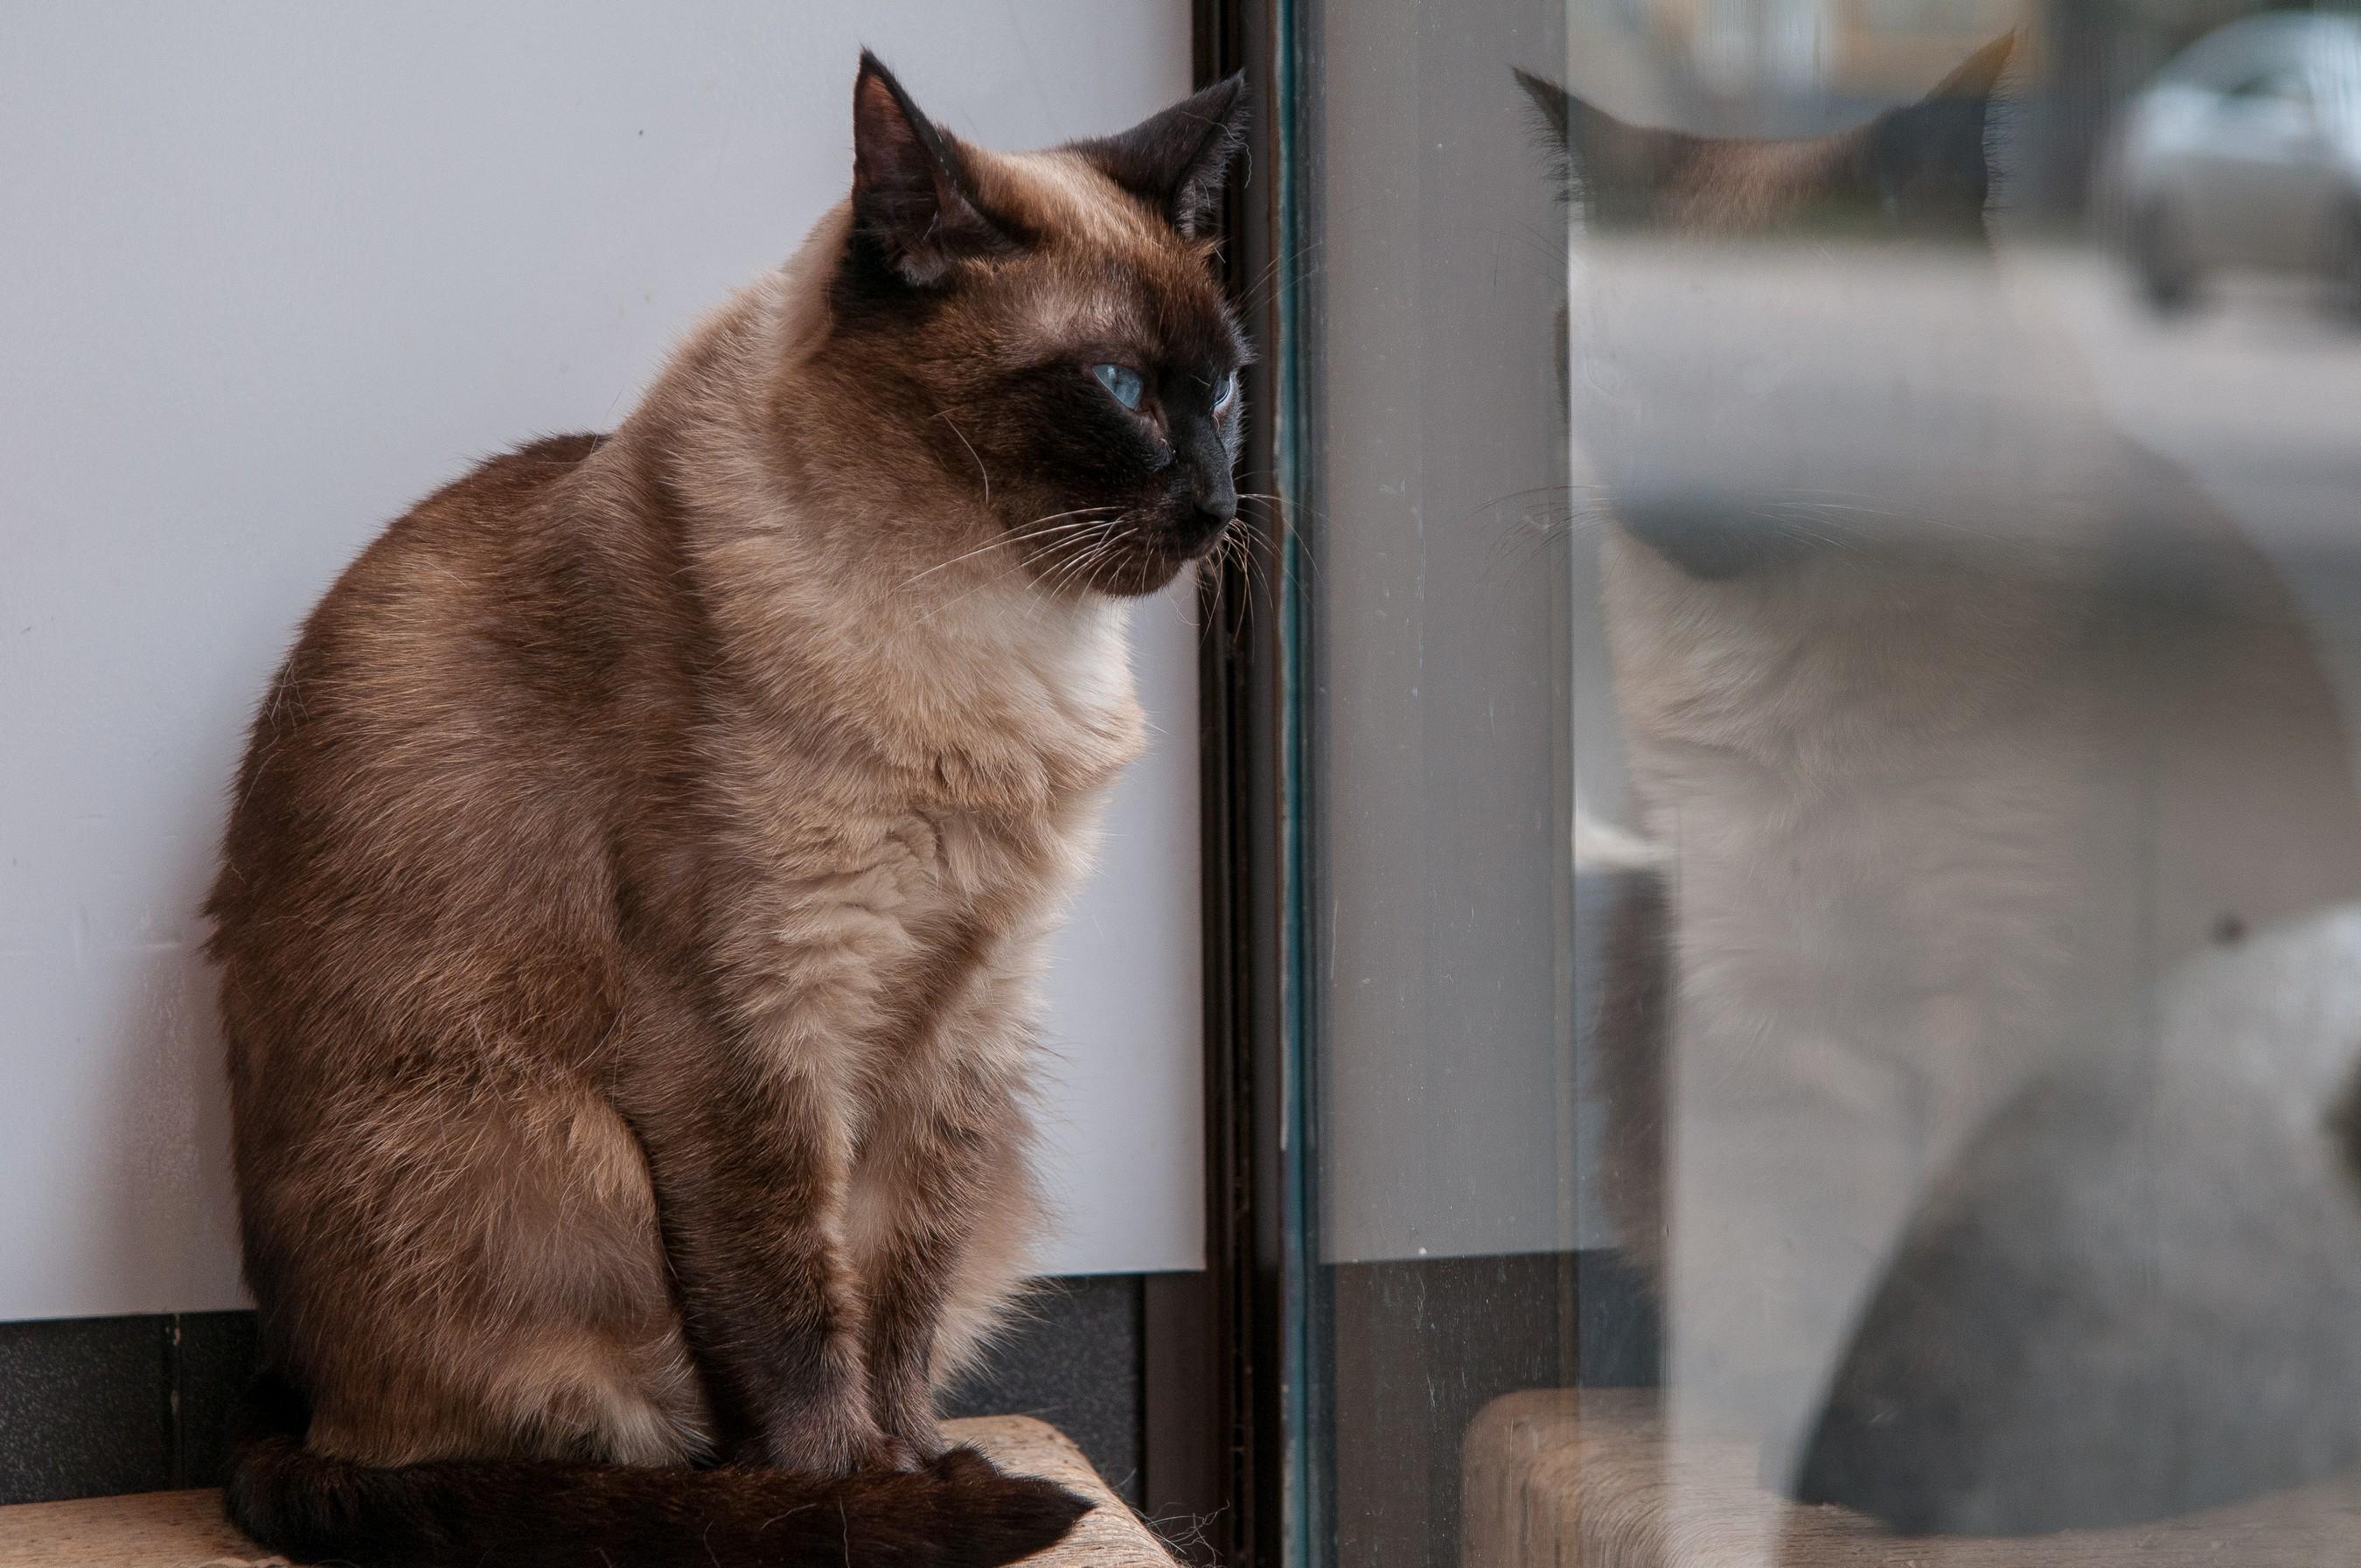 Кафе с кошками в Москве: Семь столичных котокафе, где можно снять стресс